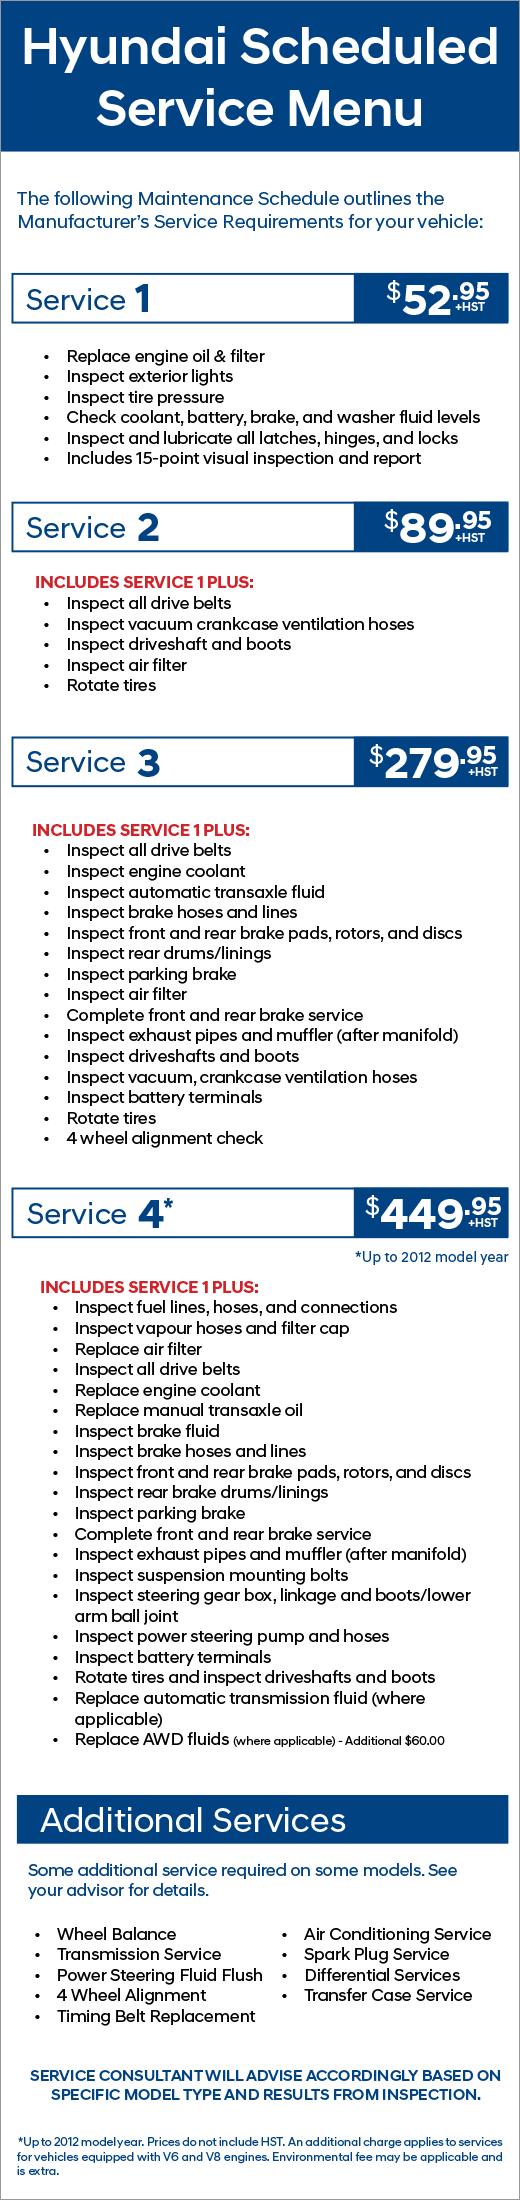 Hyundai Scheduled Service Menu